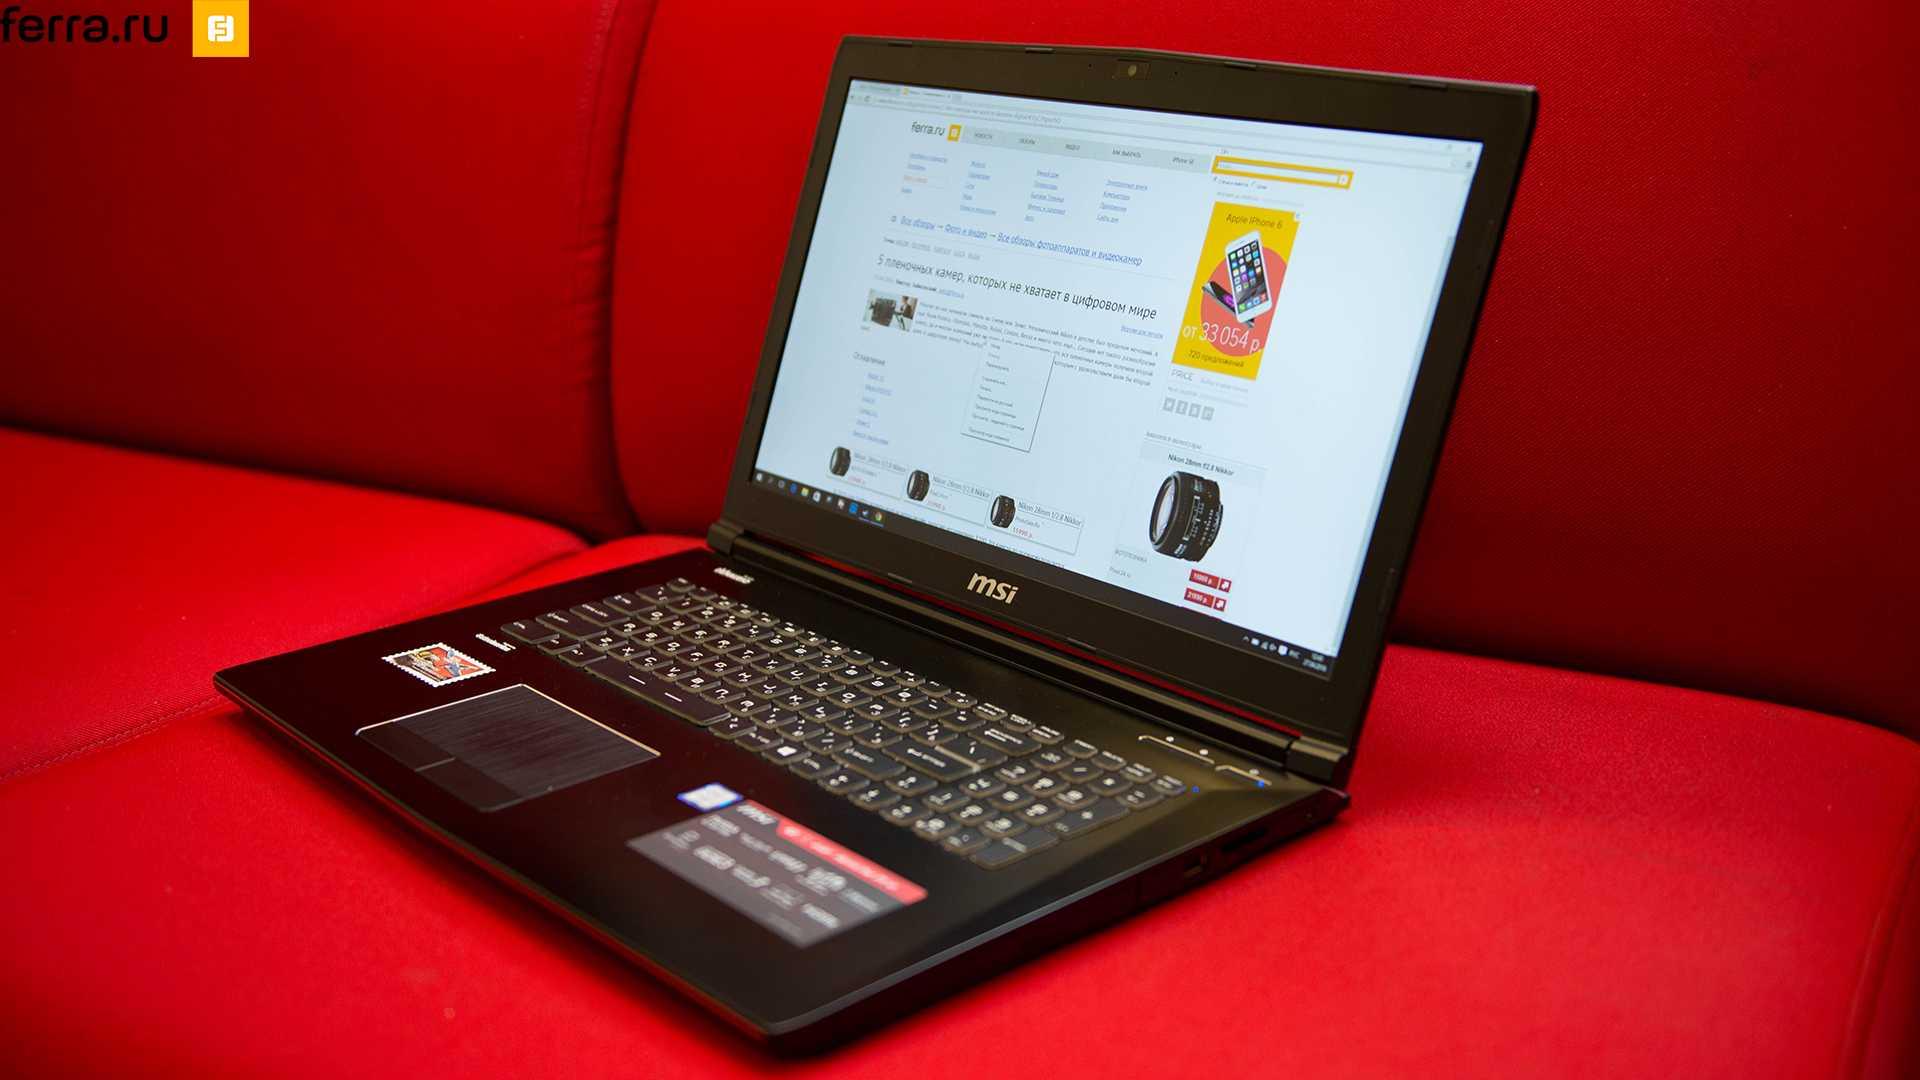 Ноутбук MSI GE72 6QF Apache Pro – это машина для того, чтобы хотя бы на время забыть о реальном мире и погрузиться в реальность супергероев и монстров.